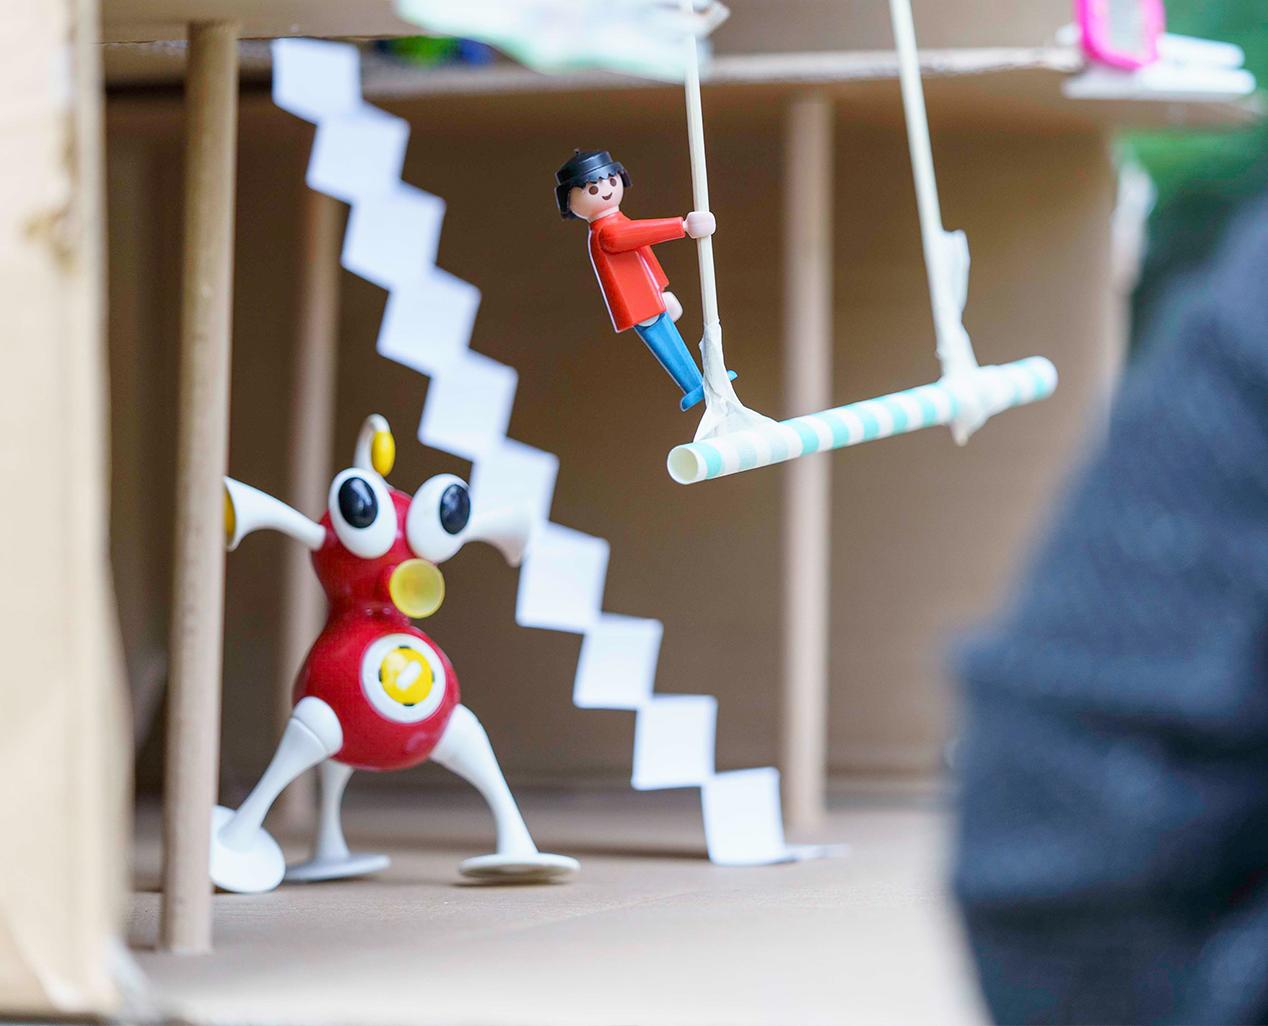 In einer Miniquartiershalle aus Pappe ist ein Strohhhalm an zwei Schnüren an der Decke befestigt, darauf schaukelt eine Legofigur. Eine rote Alienfigur mit drei Beinen steht in in der Halle.